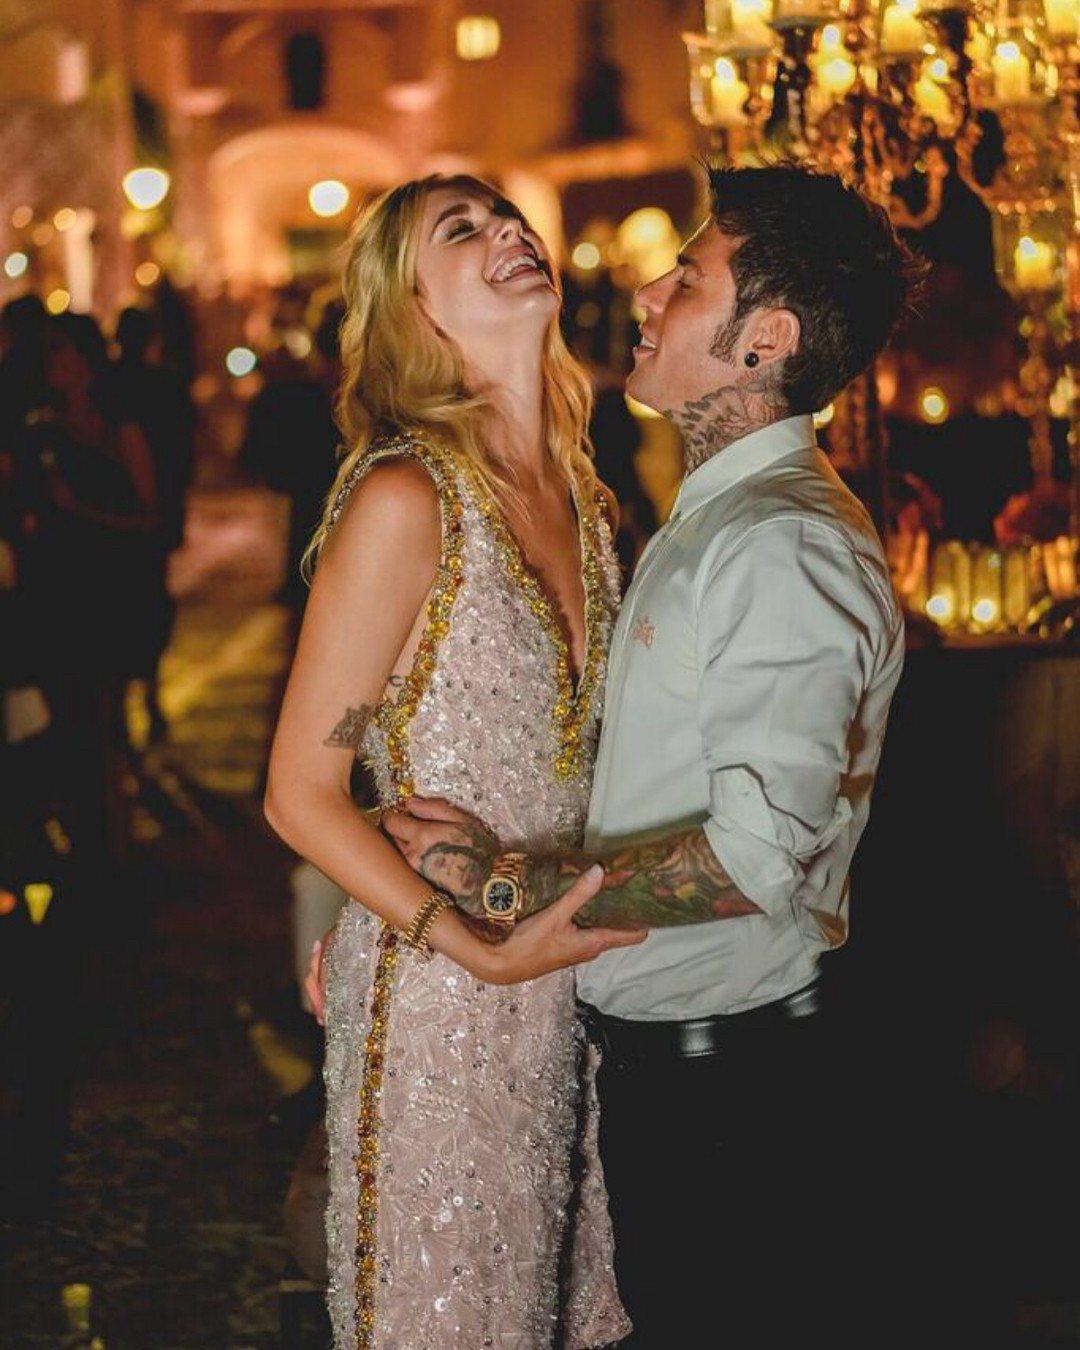 時尚部落客Chiara Ferragni 近日和義大利饒舌歌手完婚,婚禮細節都透...